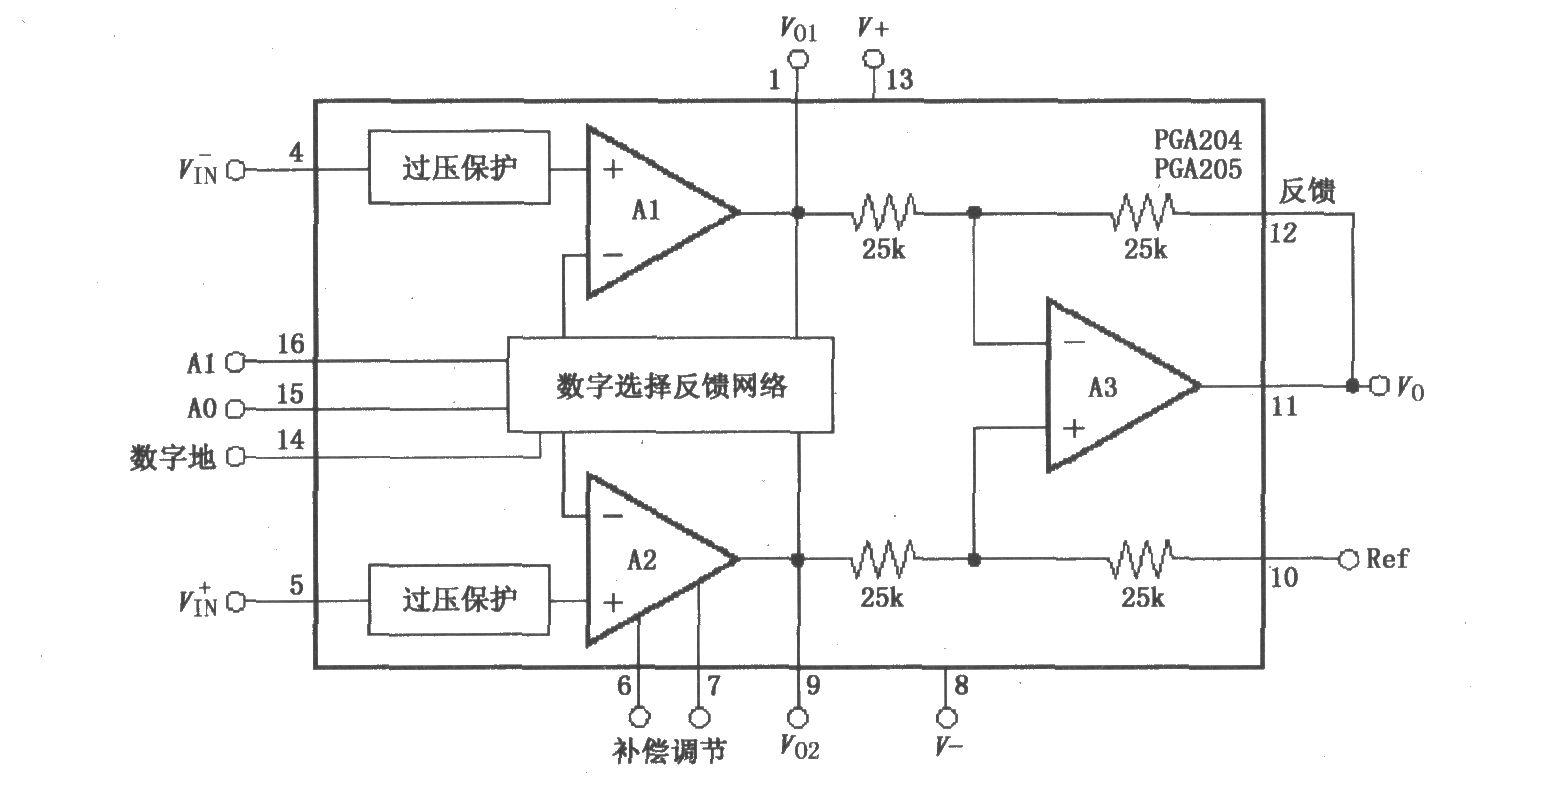 eechina首页 69 模拟电子技术 69 电路 > 可编程增益仪表放大器